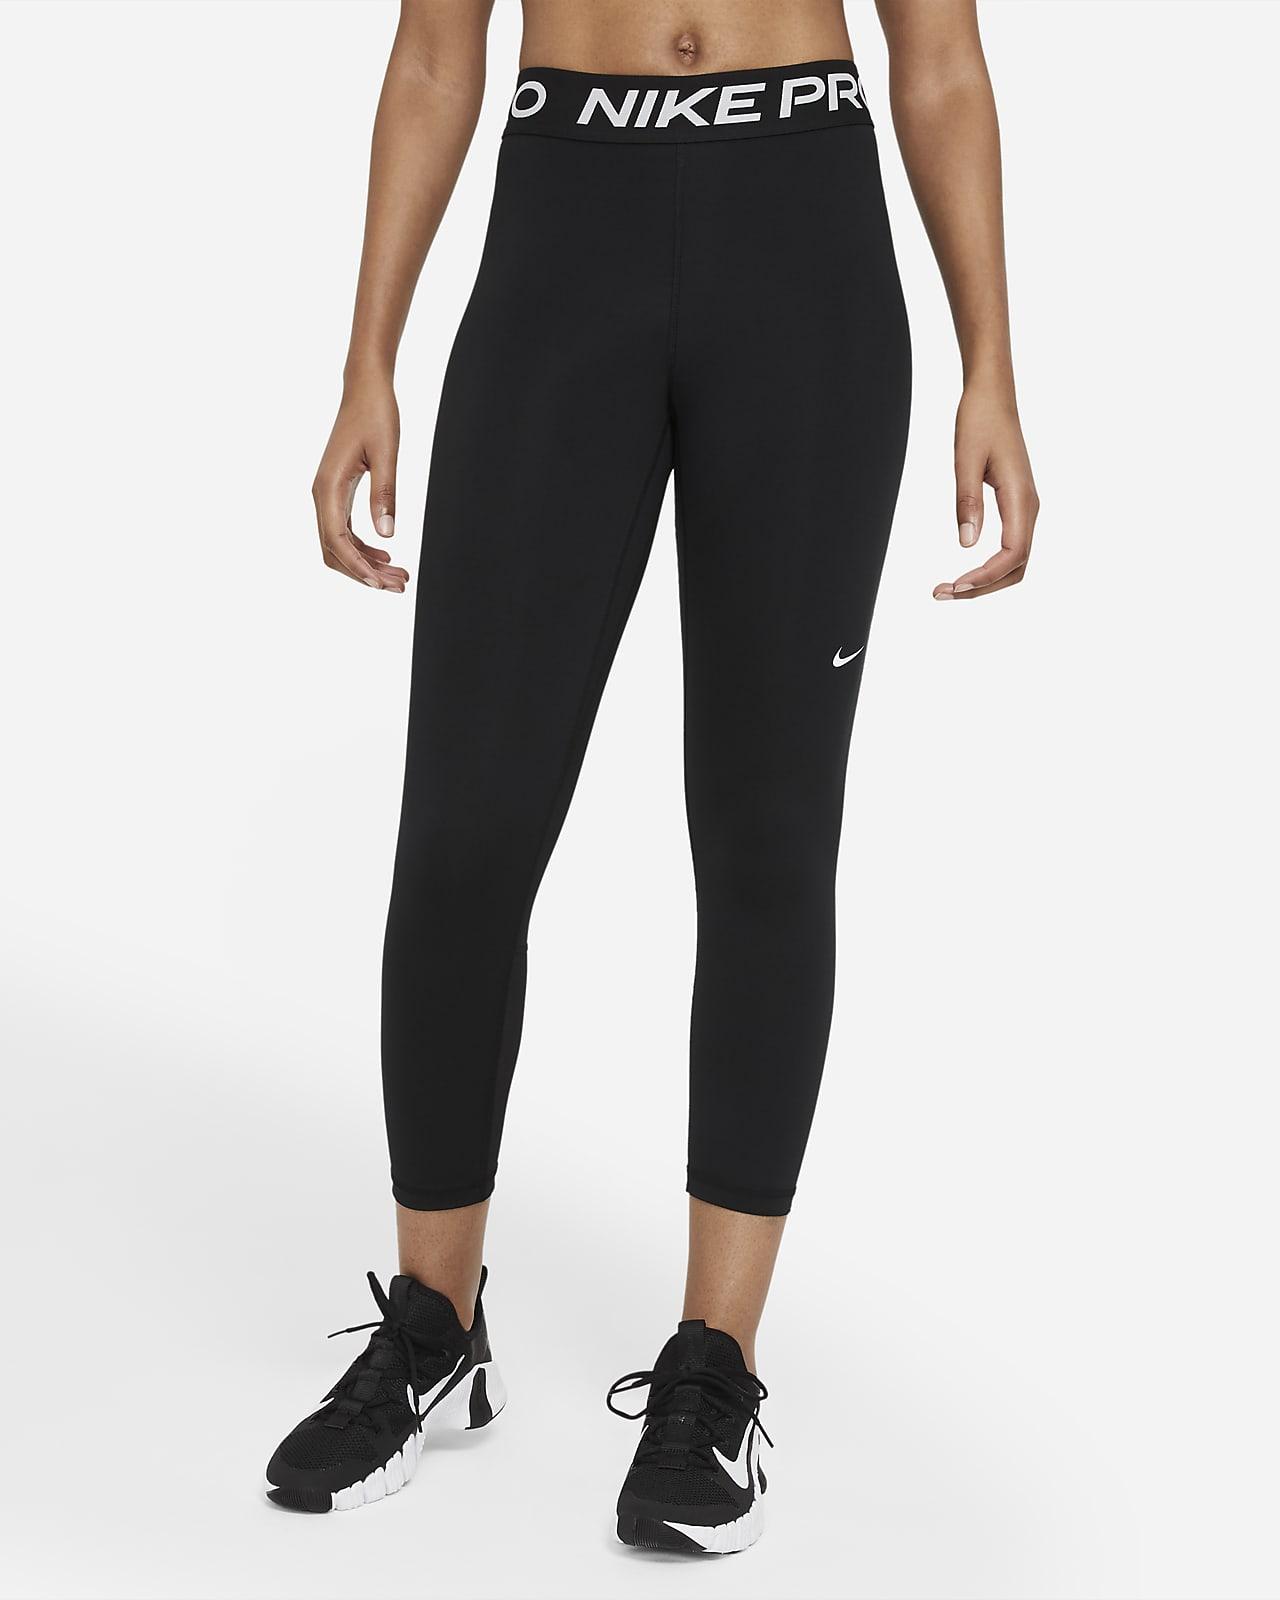 Nike Pro 365 女子训练紧身中长裤